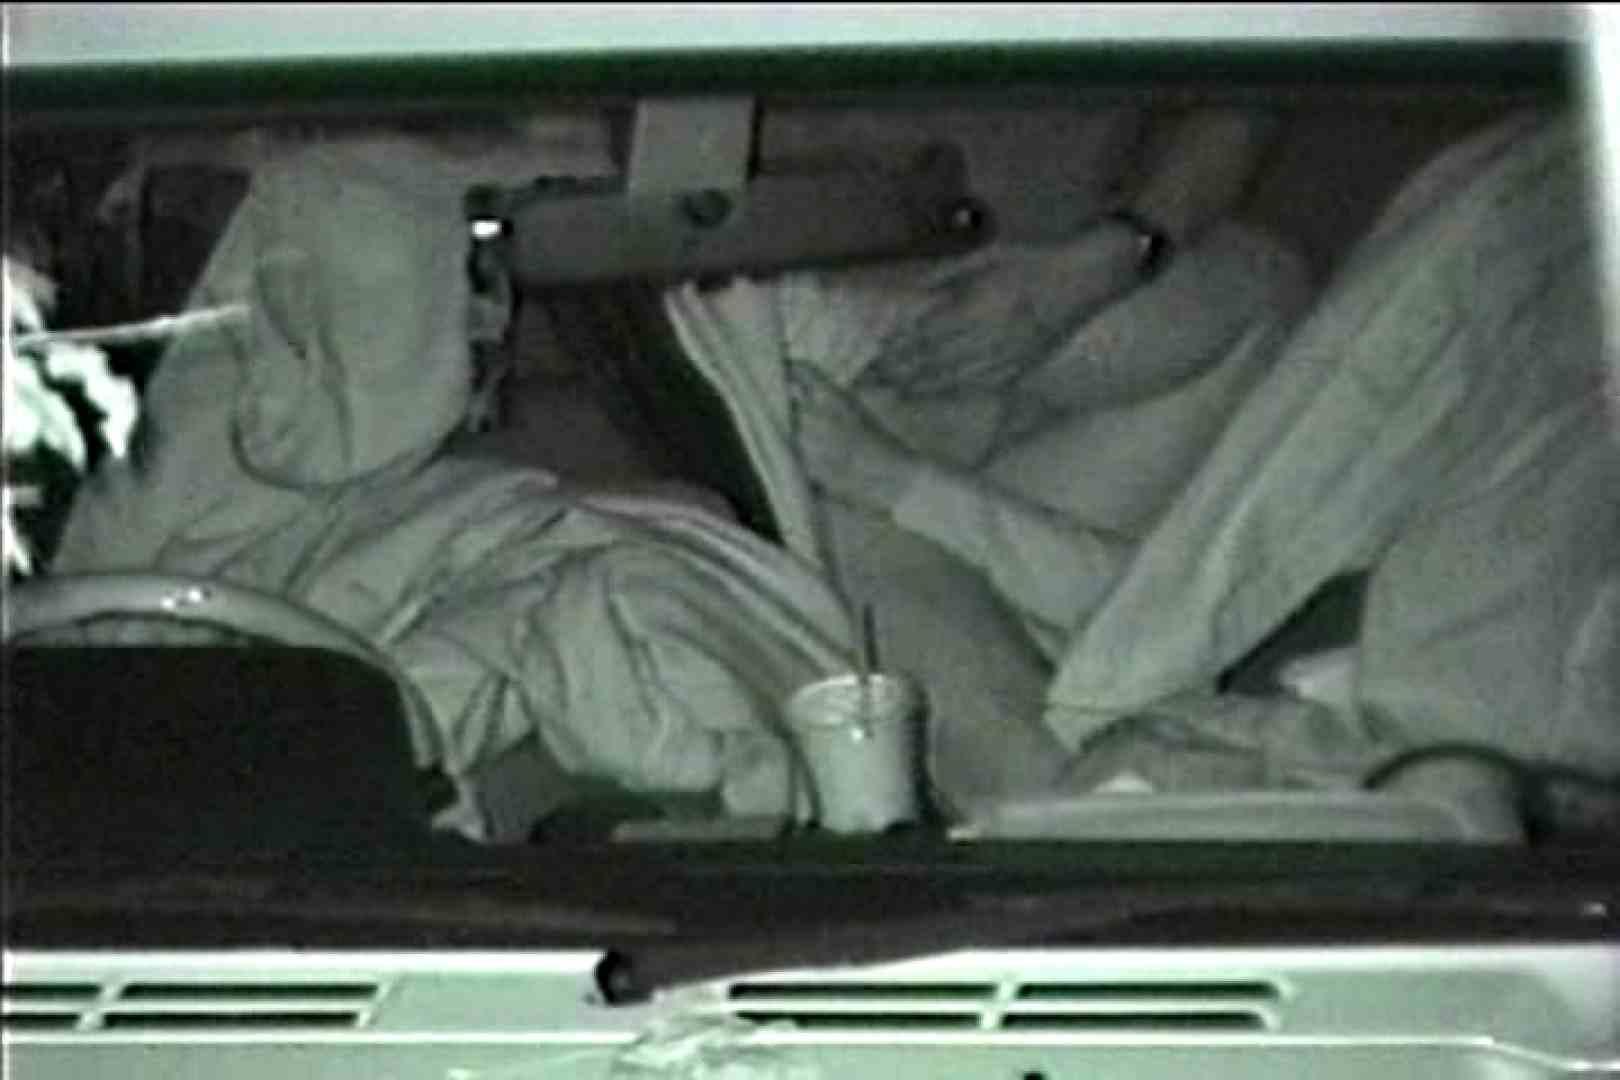 車の中はラブホテル 無修正版  Vol.7 車 おまんこ無修正動画無料 81画像 20